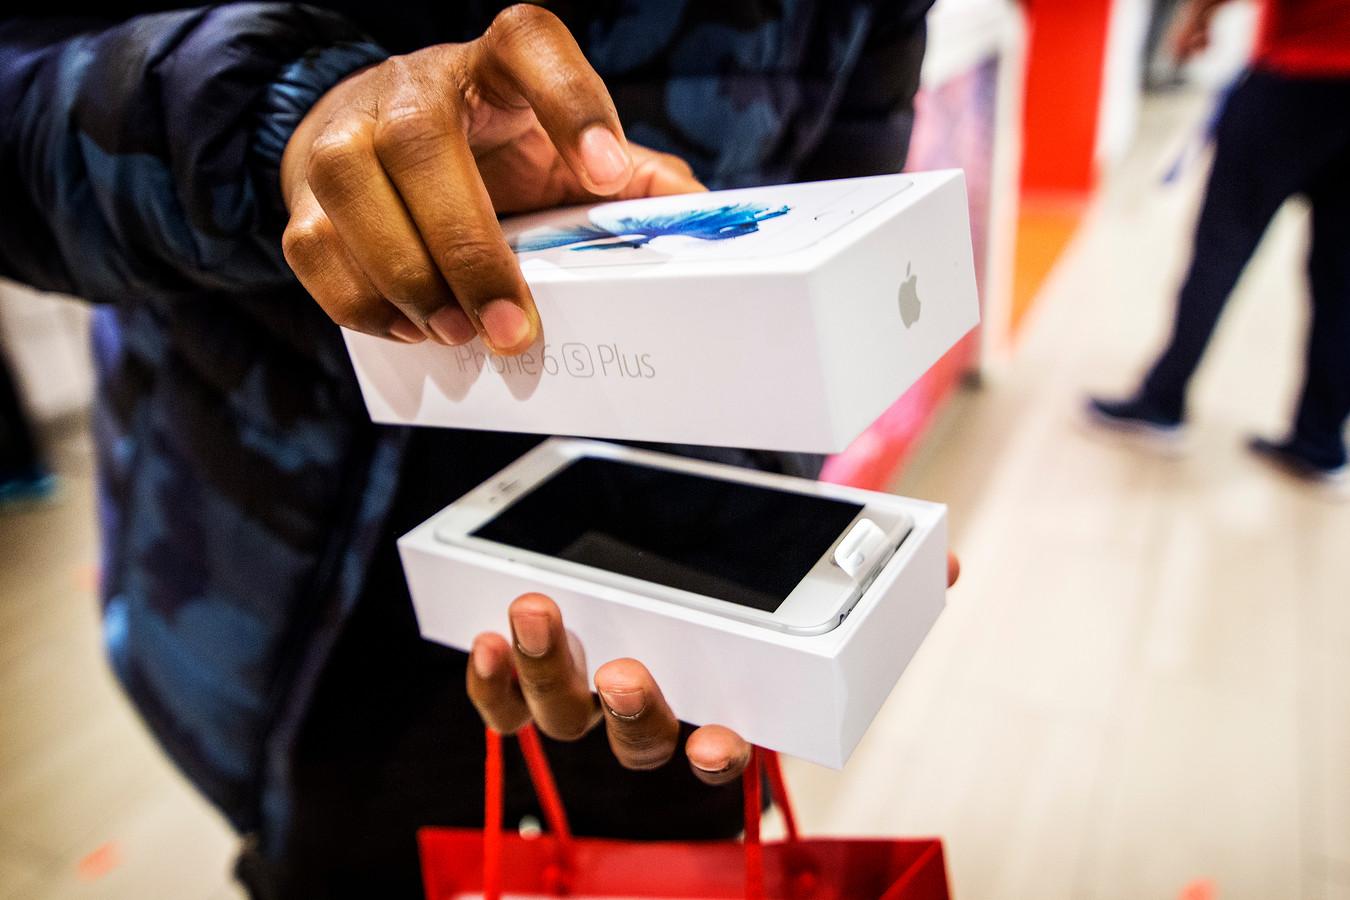 Veel jongeren willen koste wat koste een dure mobiel zoals de nieuwe iPhone 6s en raken daardoor in de schulden